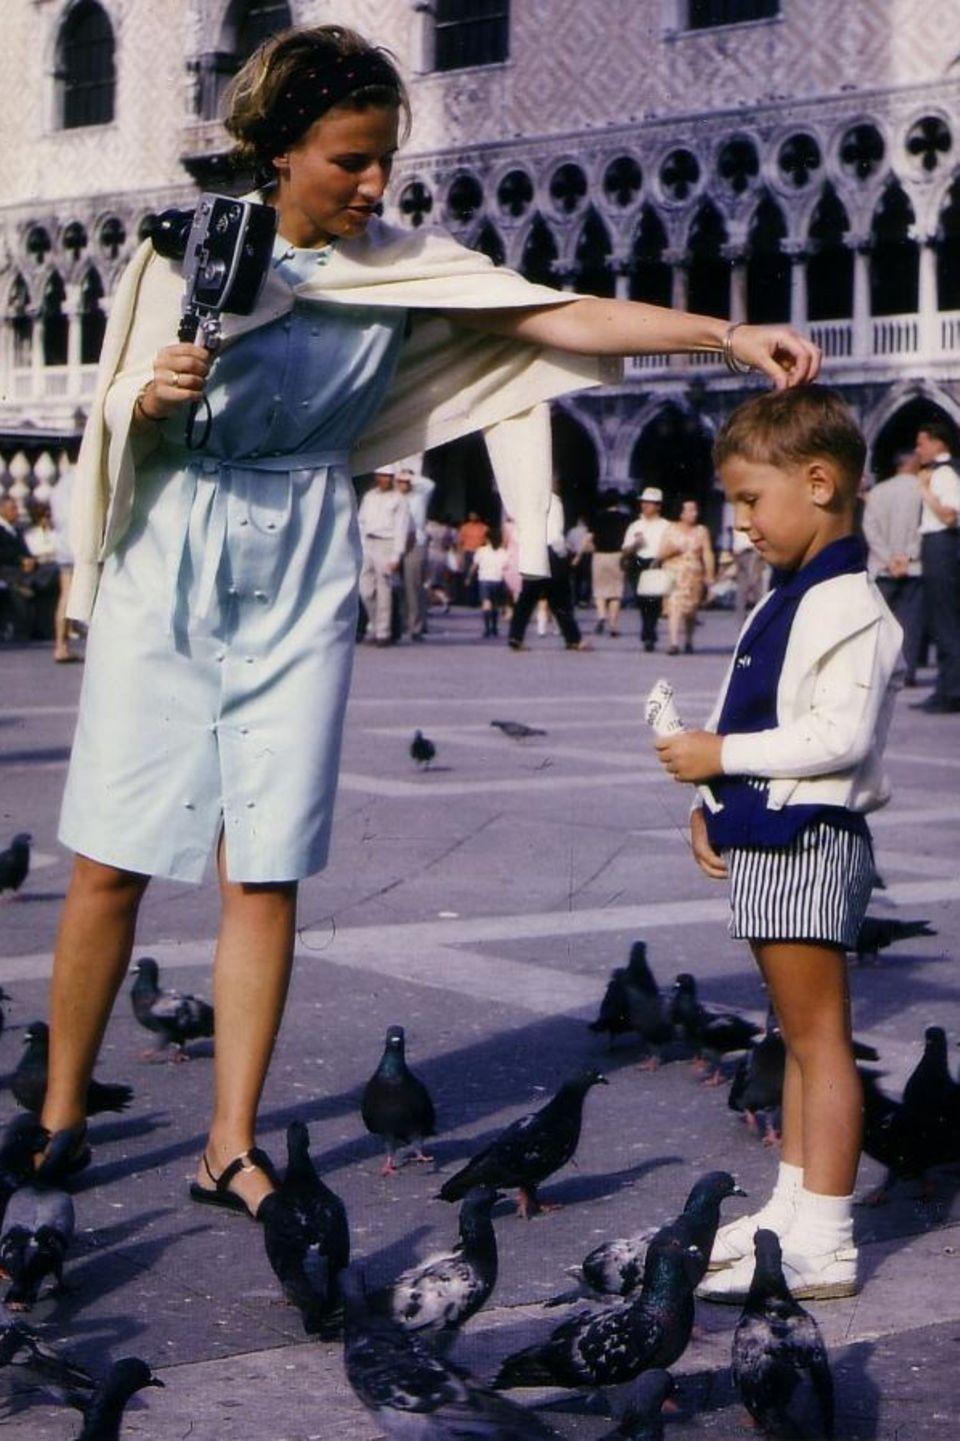 """Ein tolles Foto hat GNTM-Juror Thomas Hayo gepostet: """"Meine Mutter war diejenige, die mich ermutigte kreativ zu sein und die meine Liebe zum Film und zur Fotografie erweckte, in meinen jungen Jahren."""""""